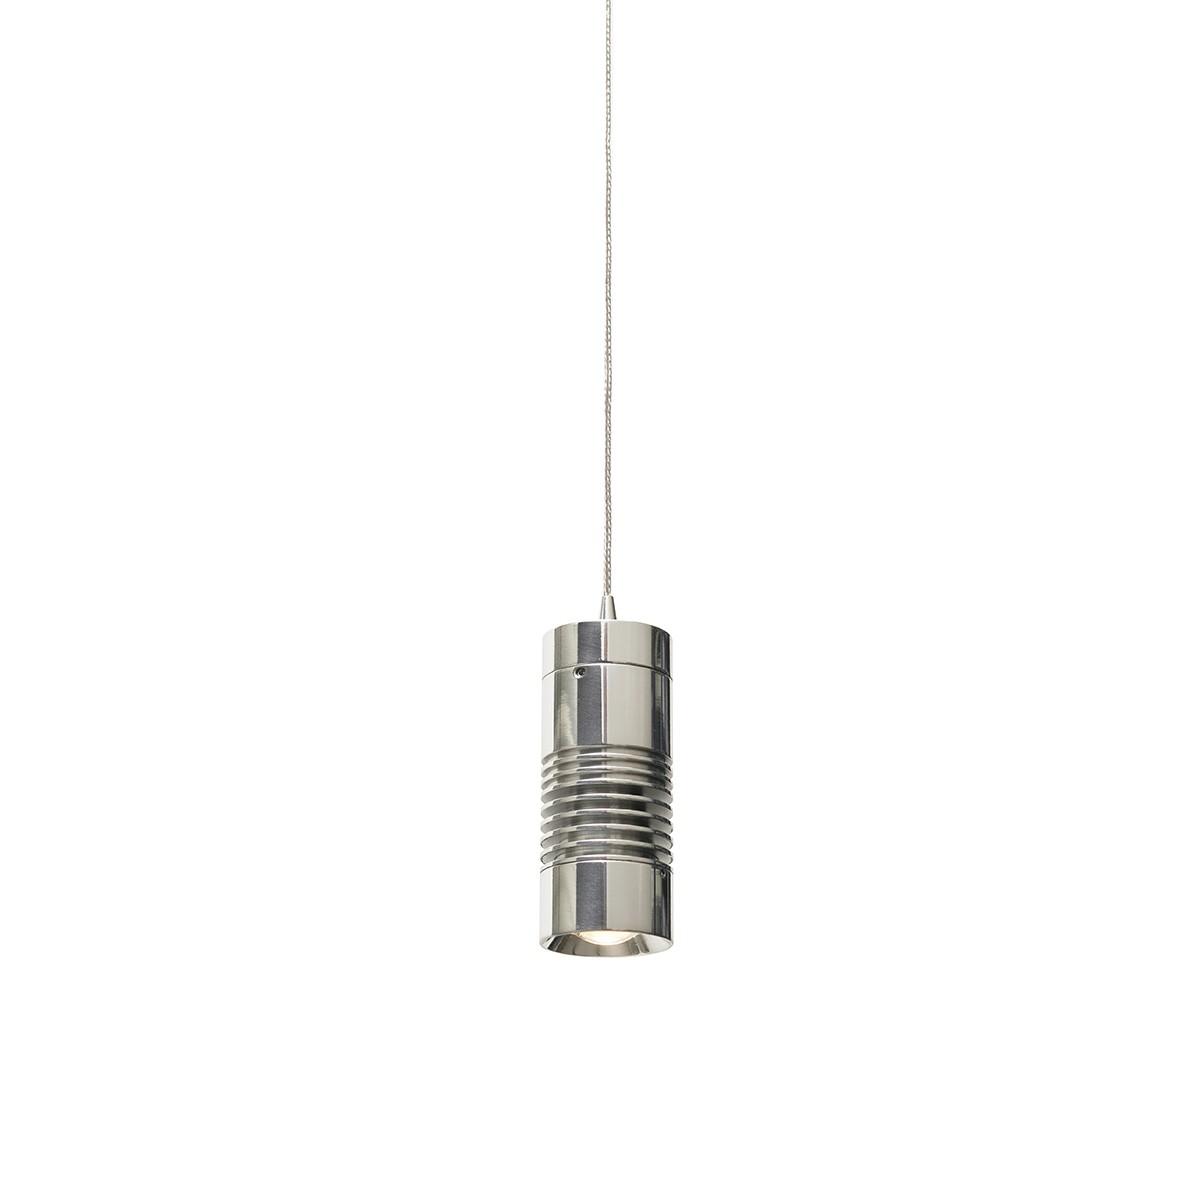 Oligo PHASE A Little Bit LED Pendelleuchte, 2700 K, Chrom